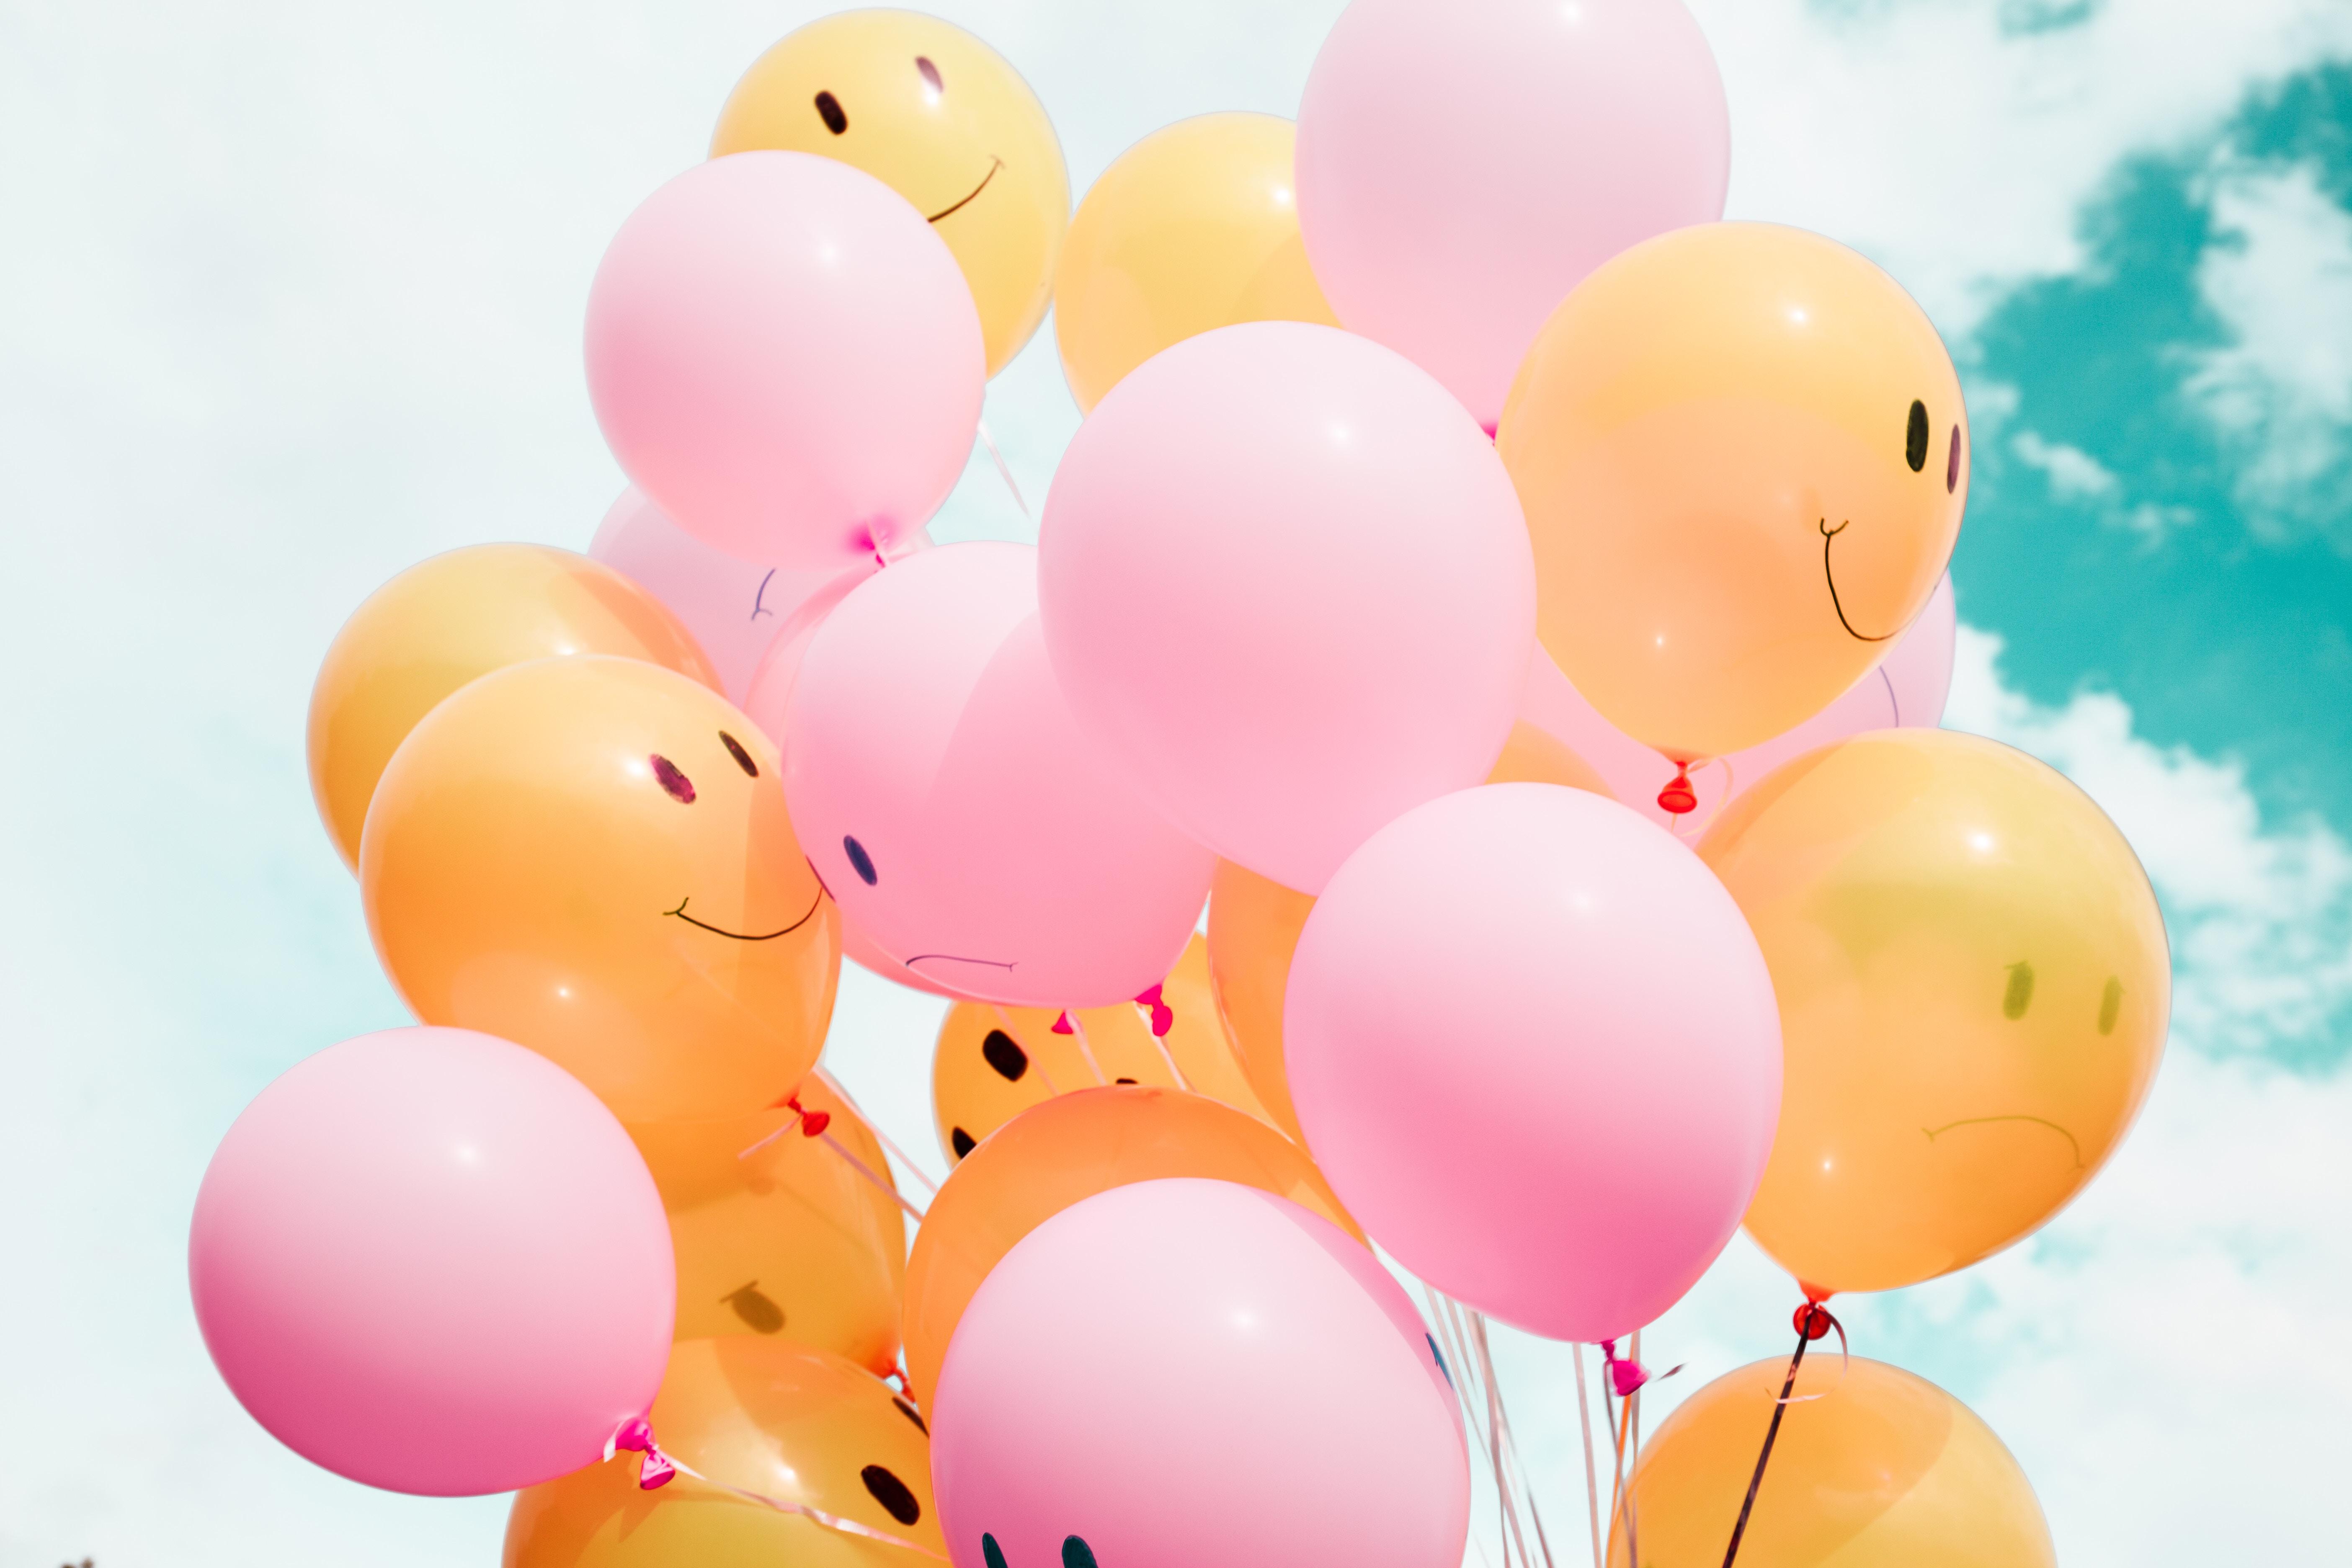 geluk, gelukkig, geluksvogel, happy, ballonnen, blij lijf